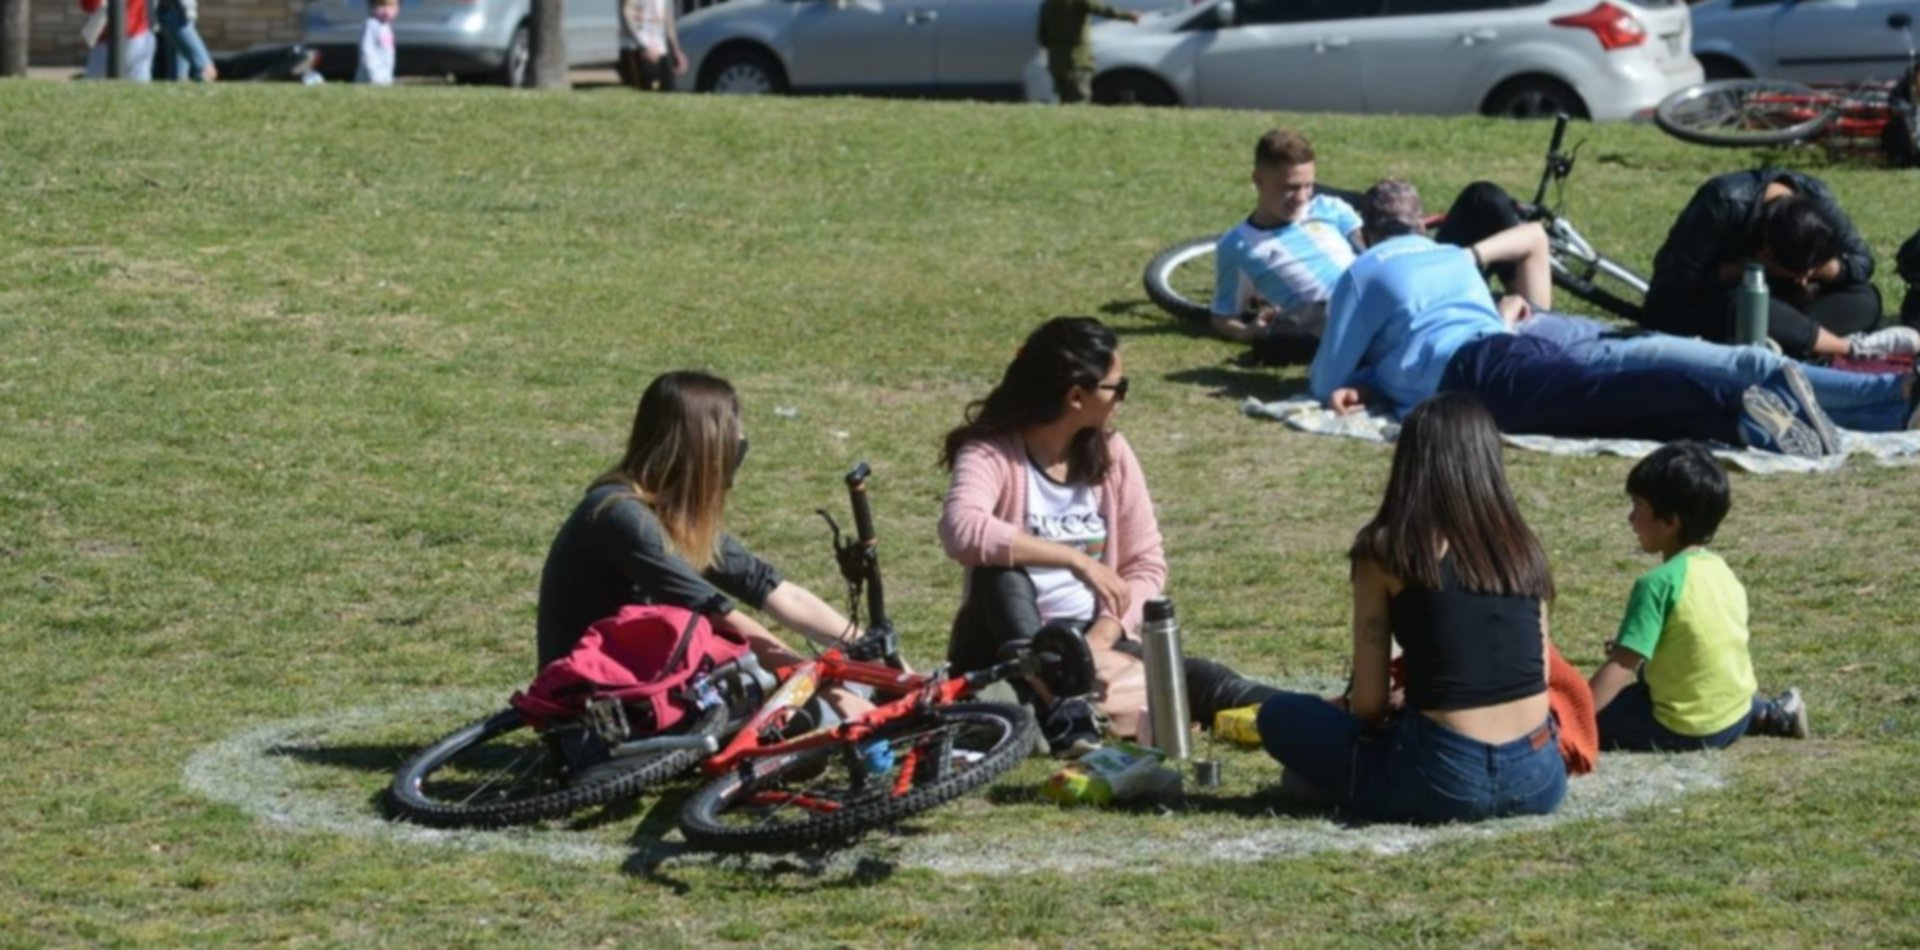 La Plata sumó 74 contagios de COVID-19 y caen los casos activos en la ciudad